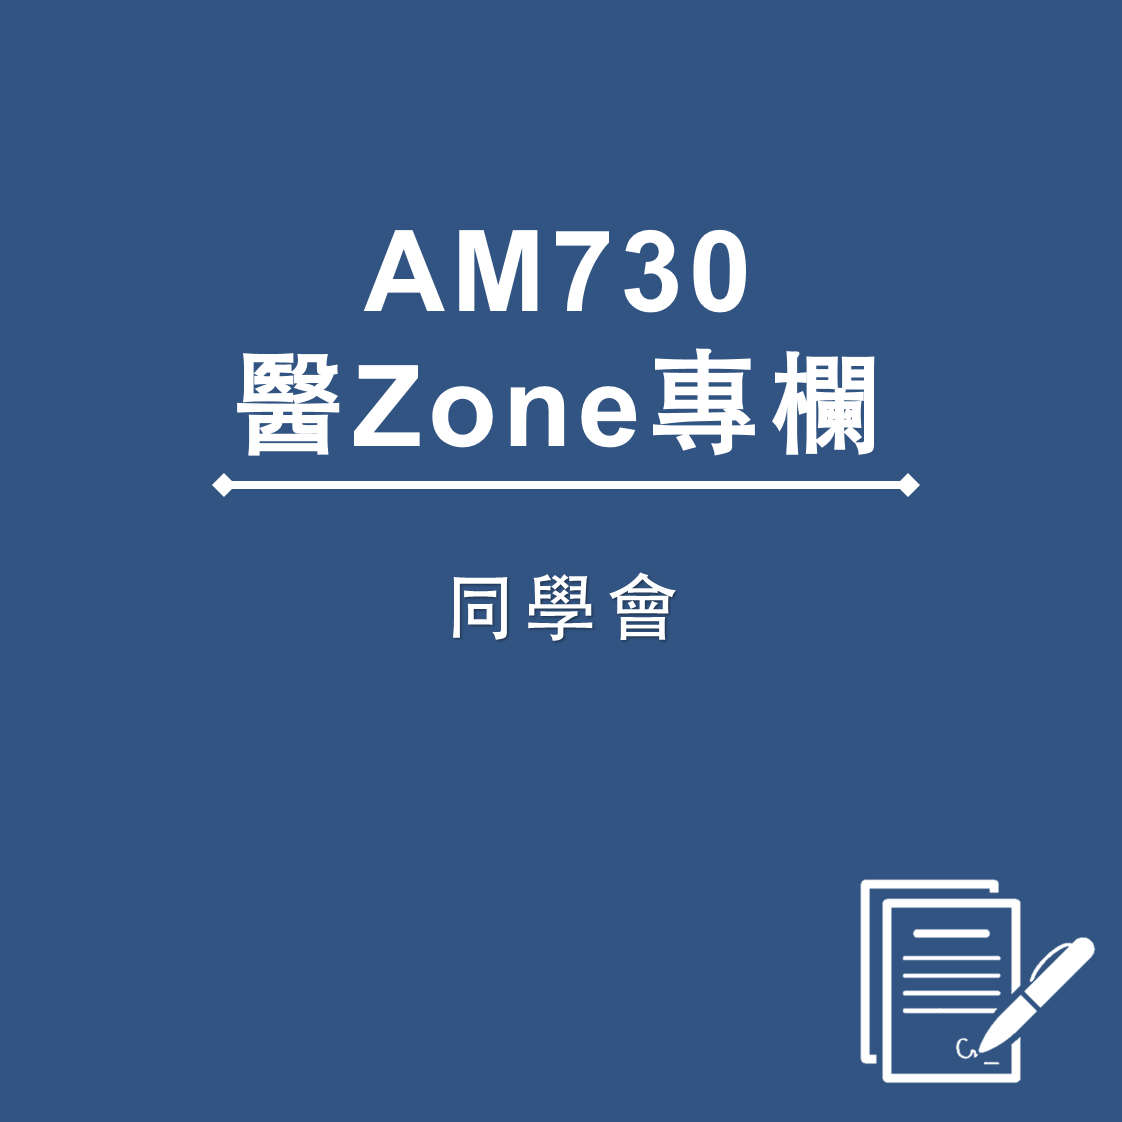 AM730 醫Zone 專欄 - 同學會